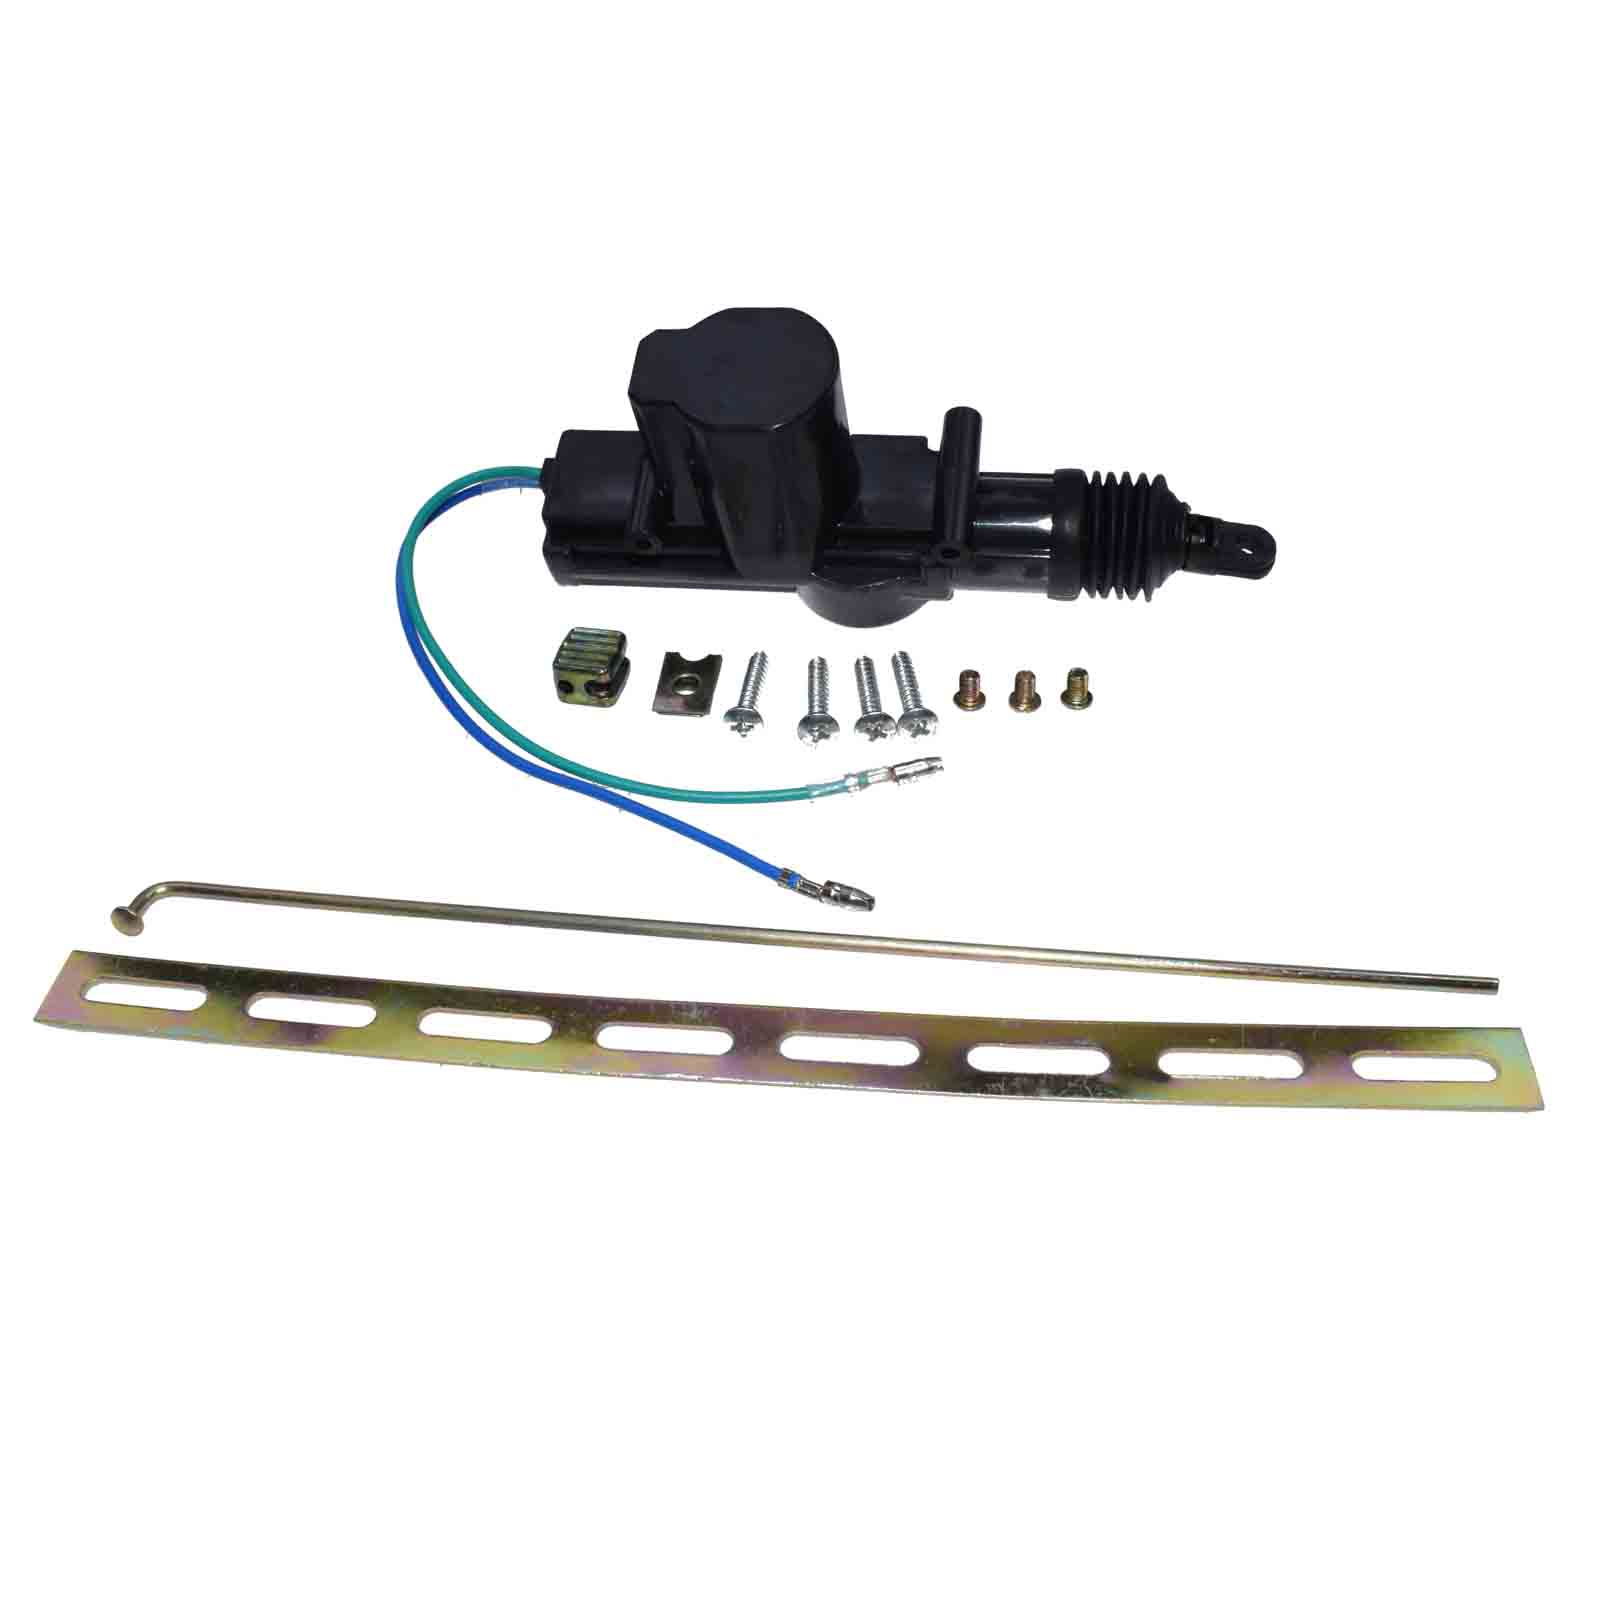 ISANCE универсальный авто надежный дверной замок привод 12 В 2 провода регулировки 360 градусов